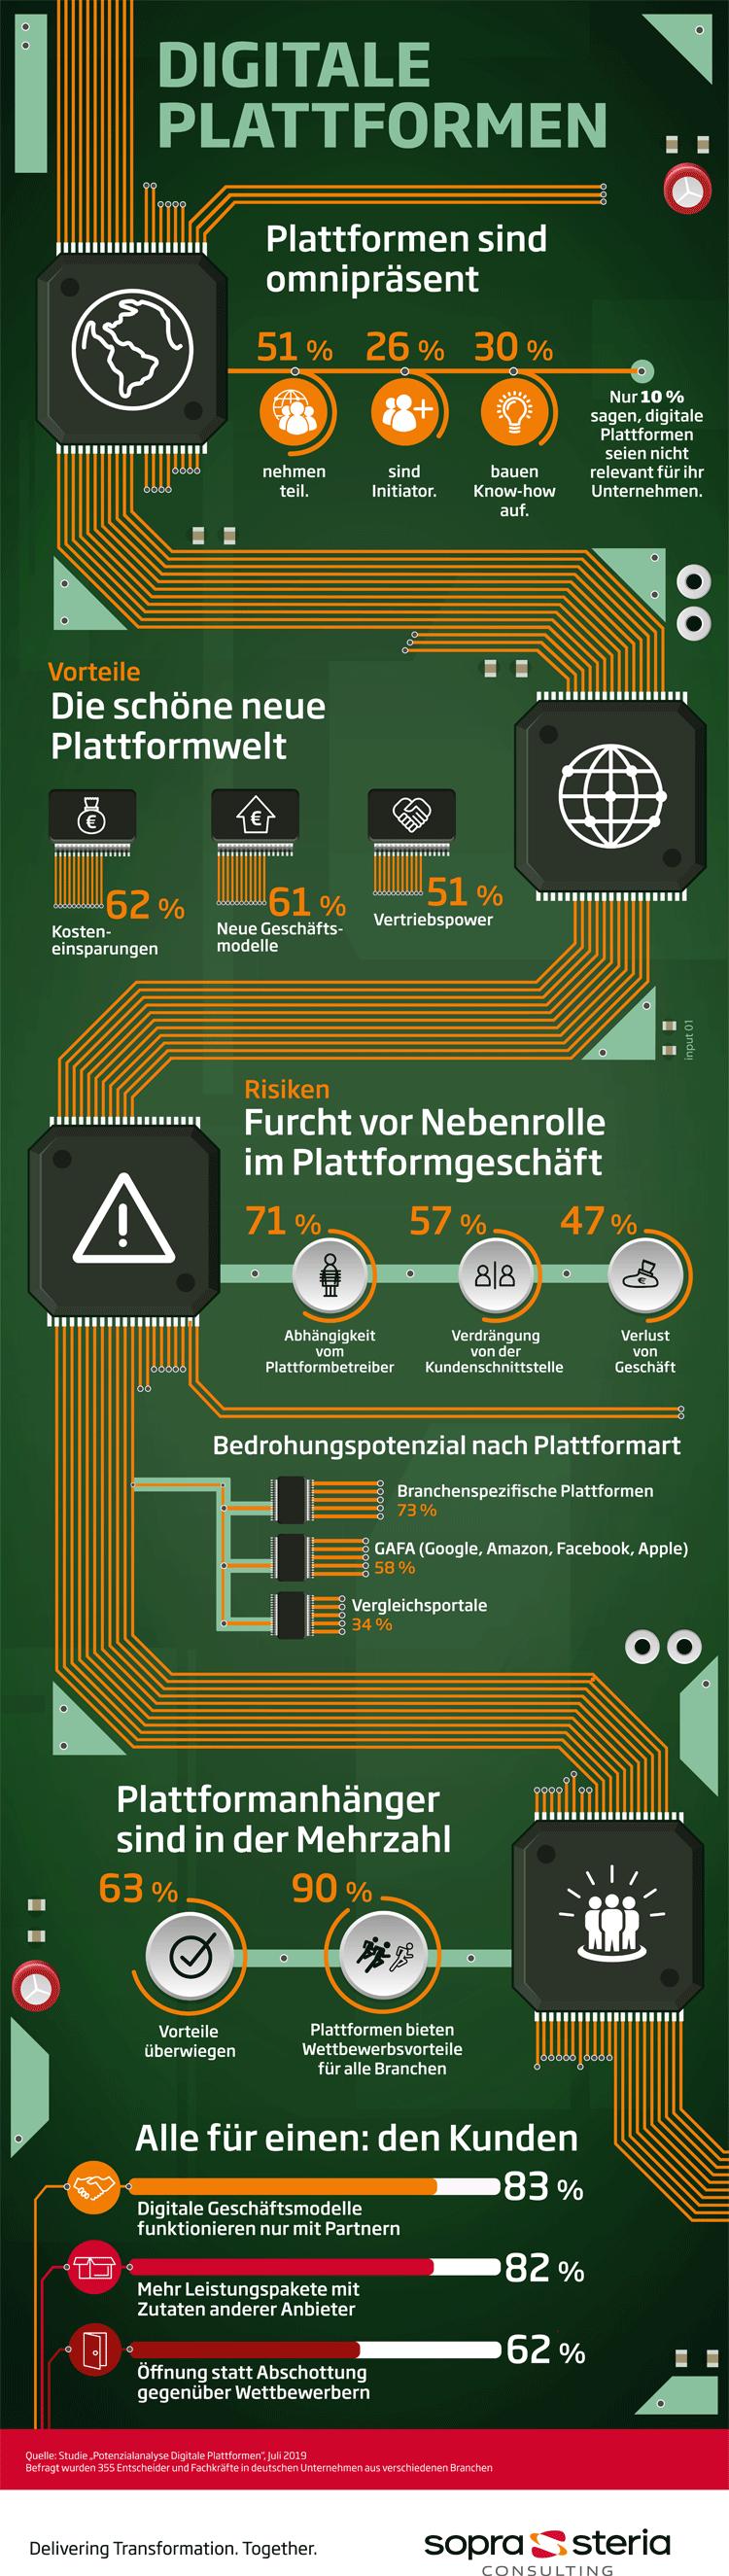 Infografik: Merkmale, Vorteile und Risiken digitaler Plattformen